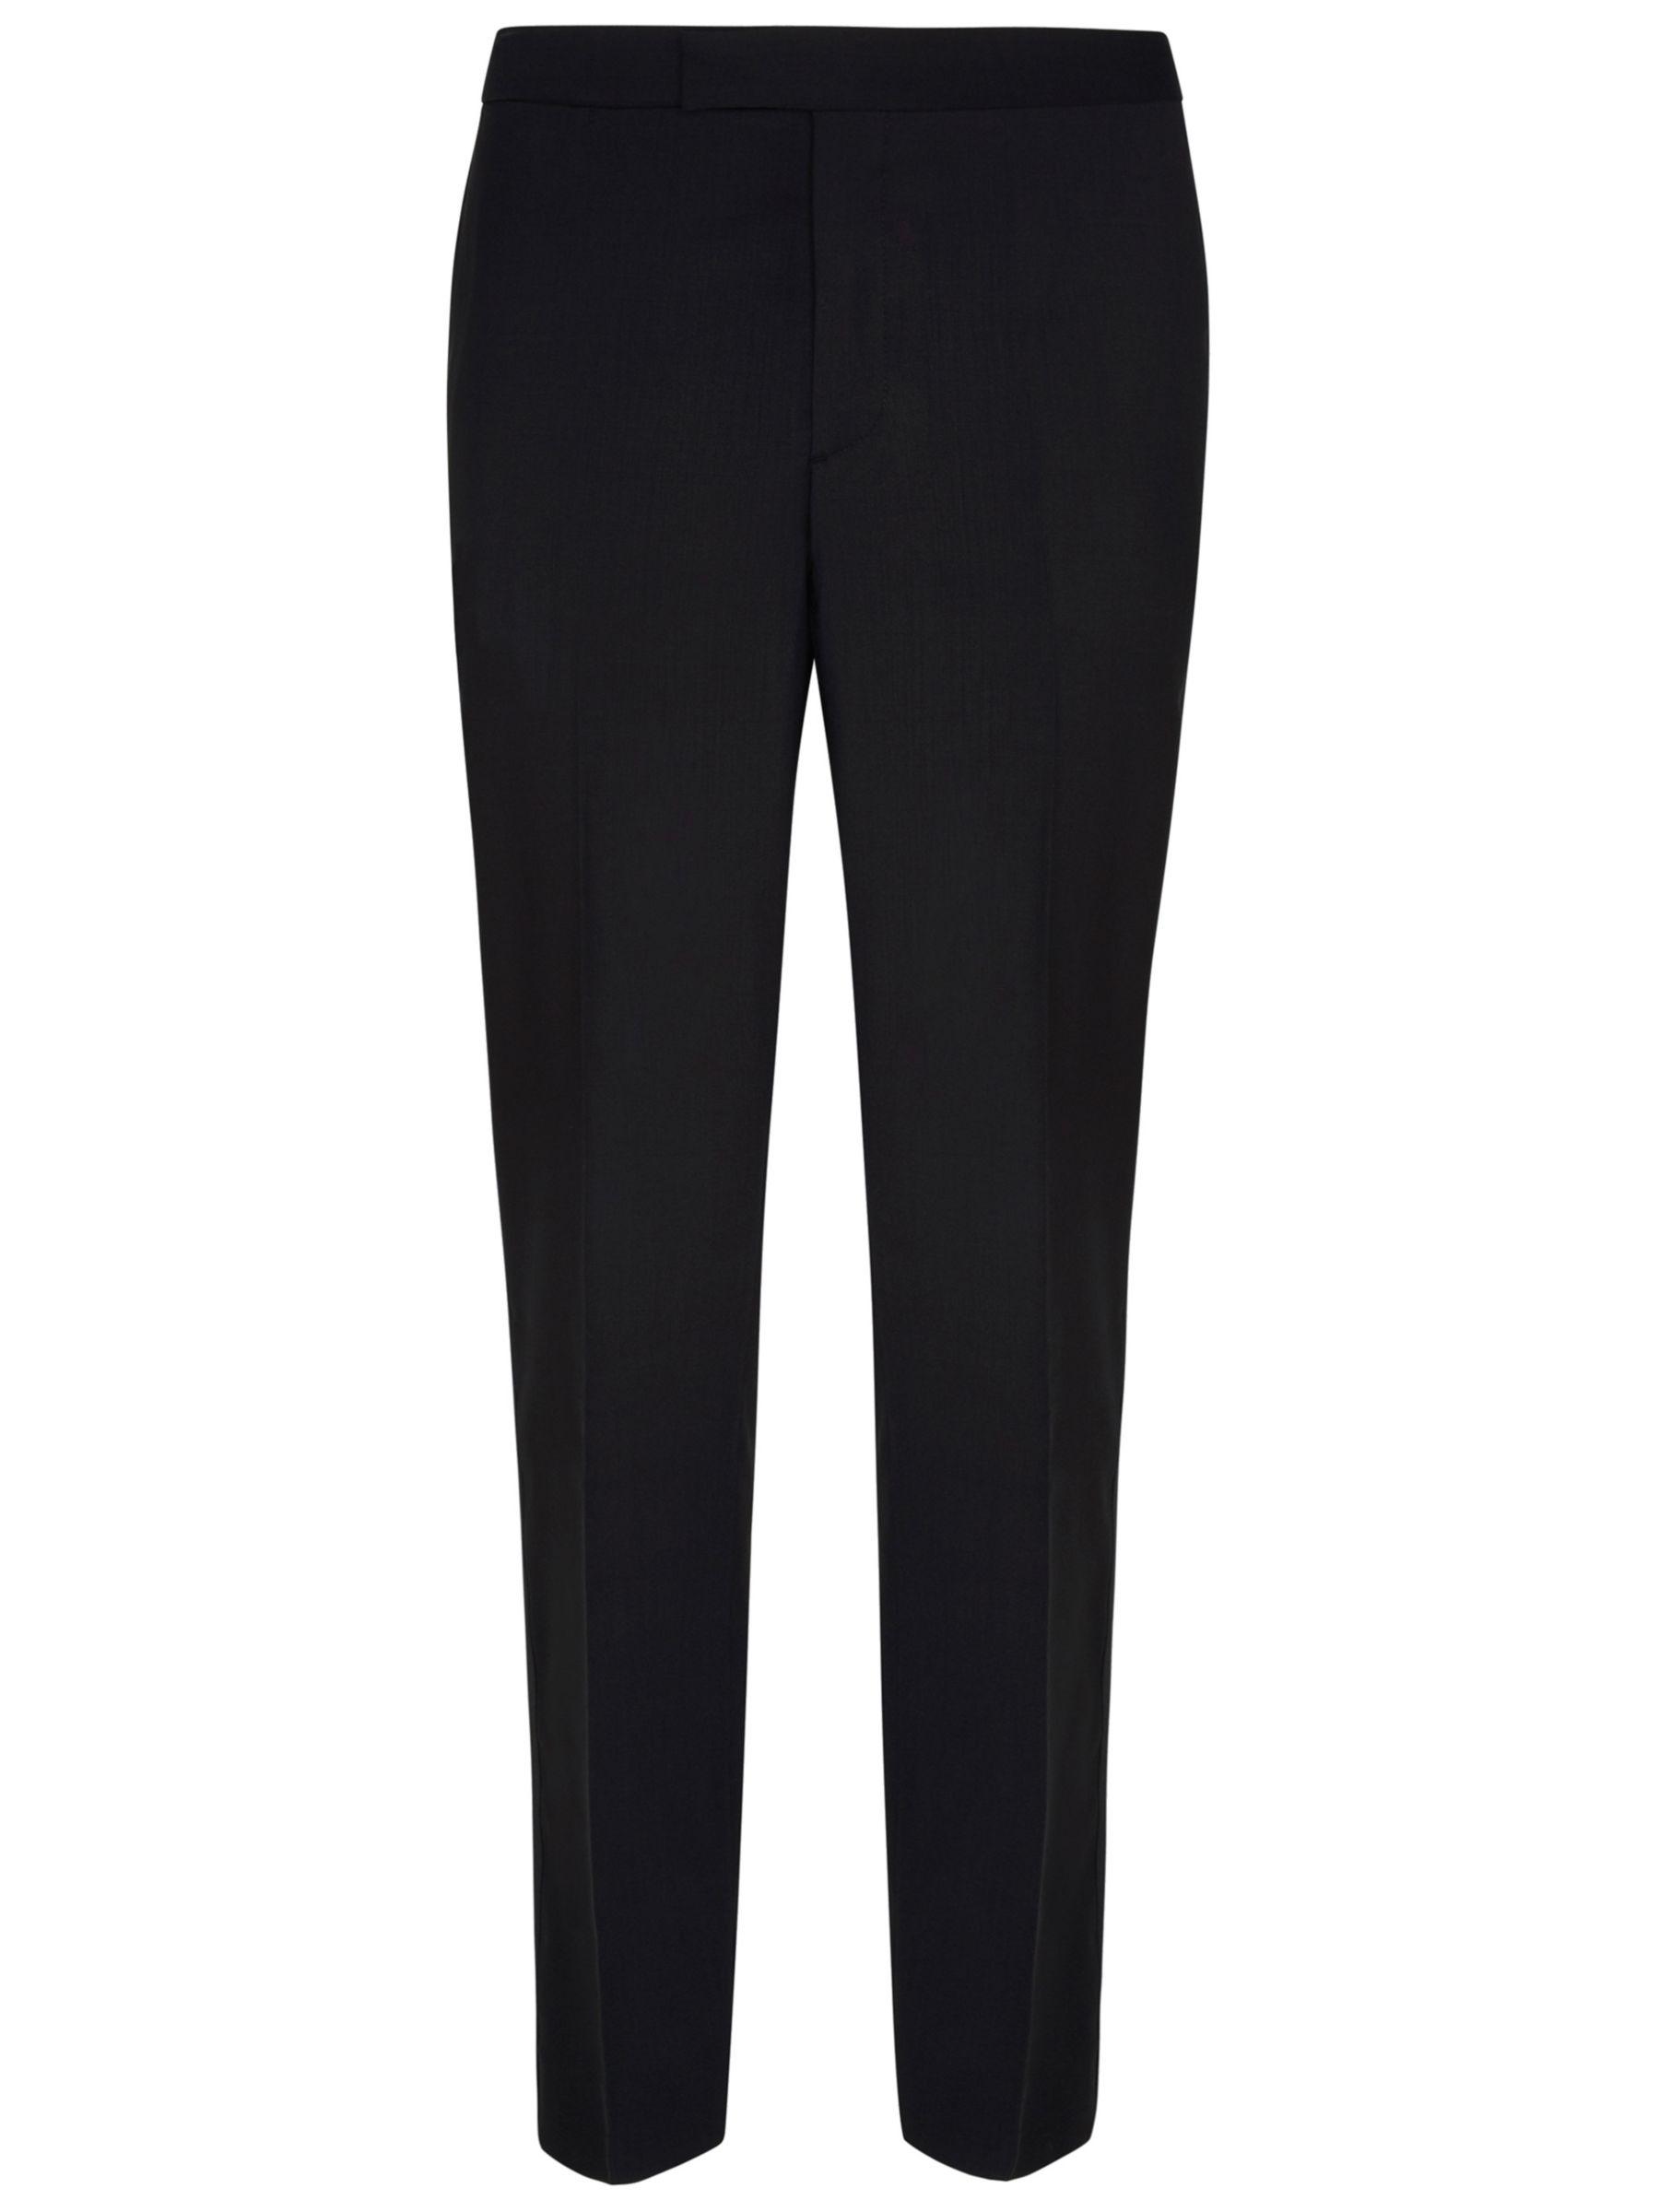 Hackett London Hackett London Regular Fit Dress Suit Trousers, Black